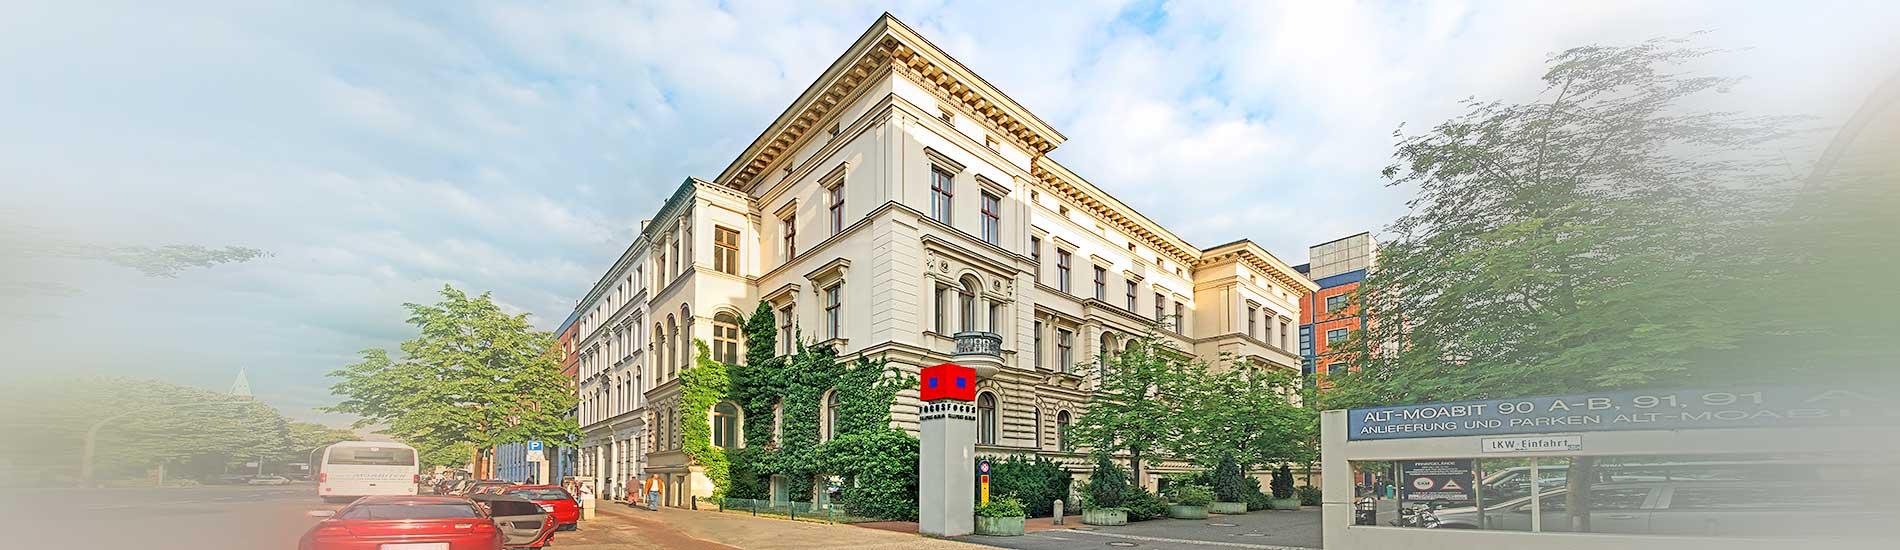 Chirurgische Praxis am Spreebogen – Außenansicht Alt-Moabit 92 10559 Berlin